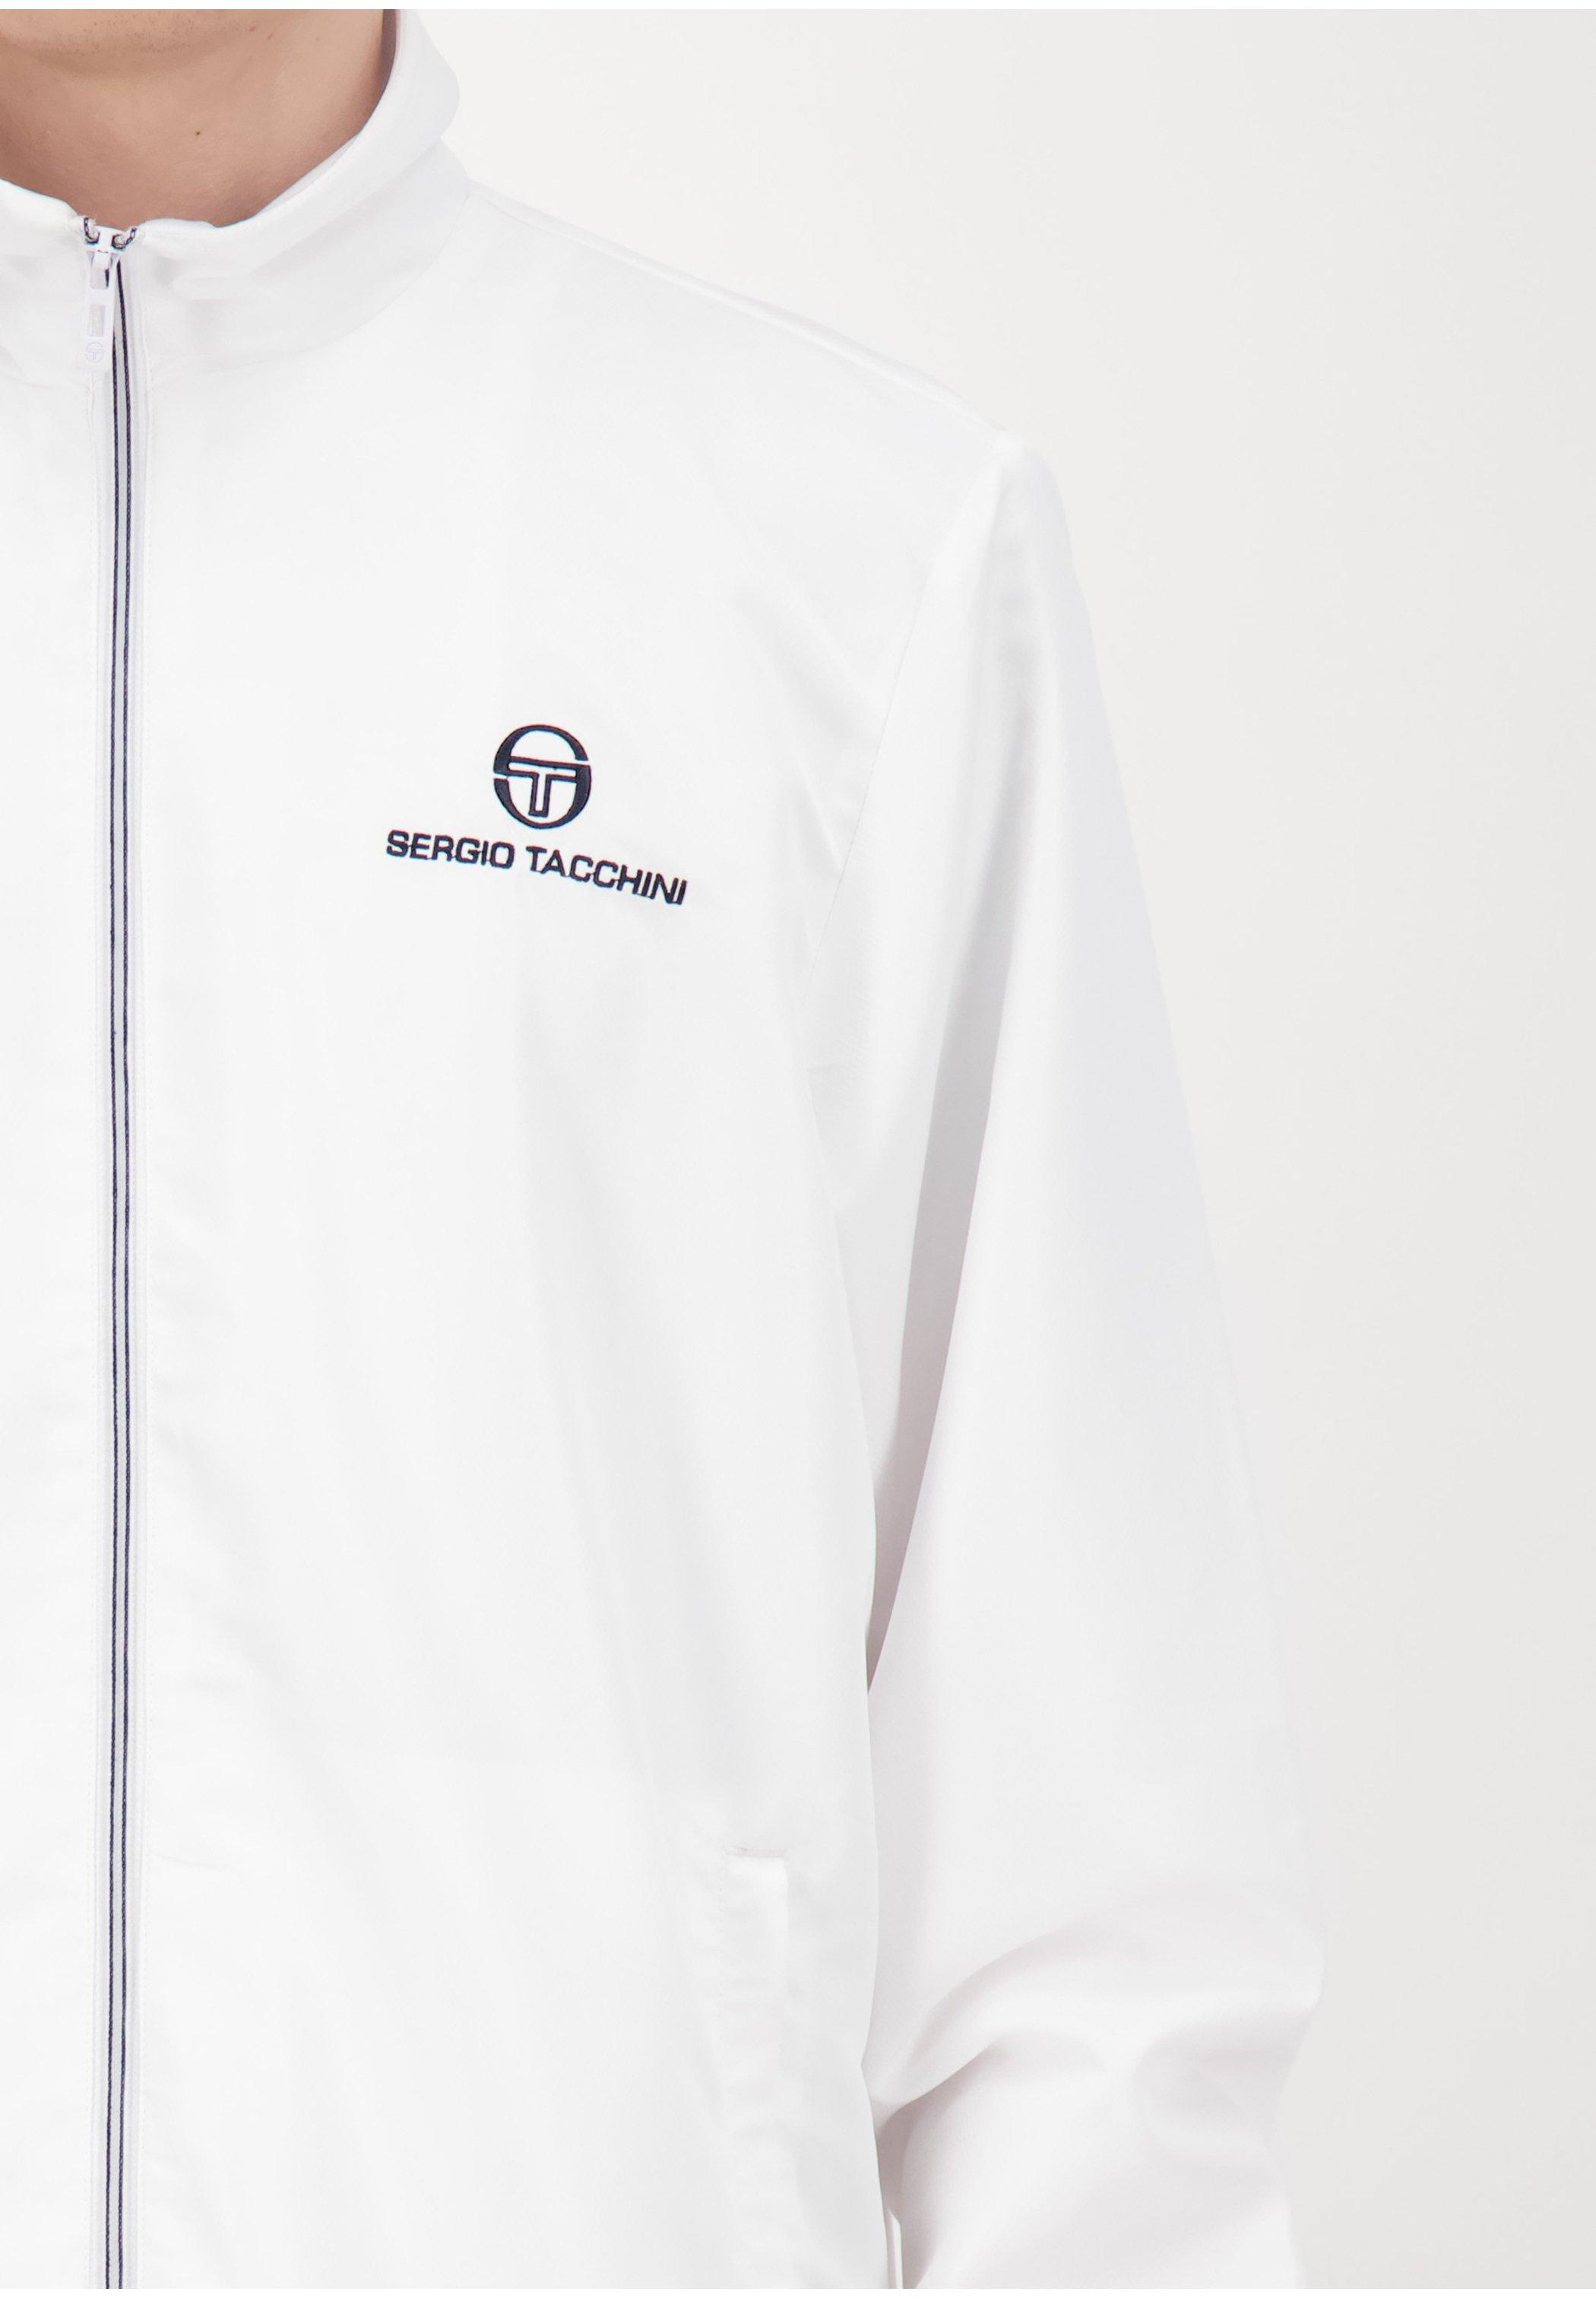 sergio tacchini CARSON  - Veste de survêtement - wht/nav